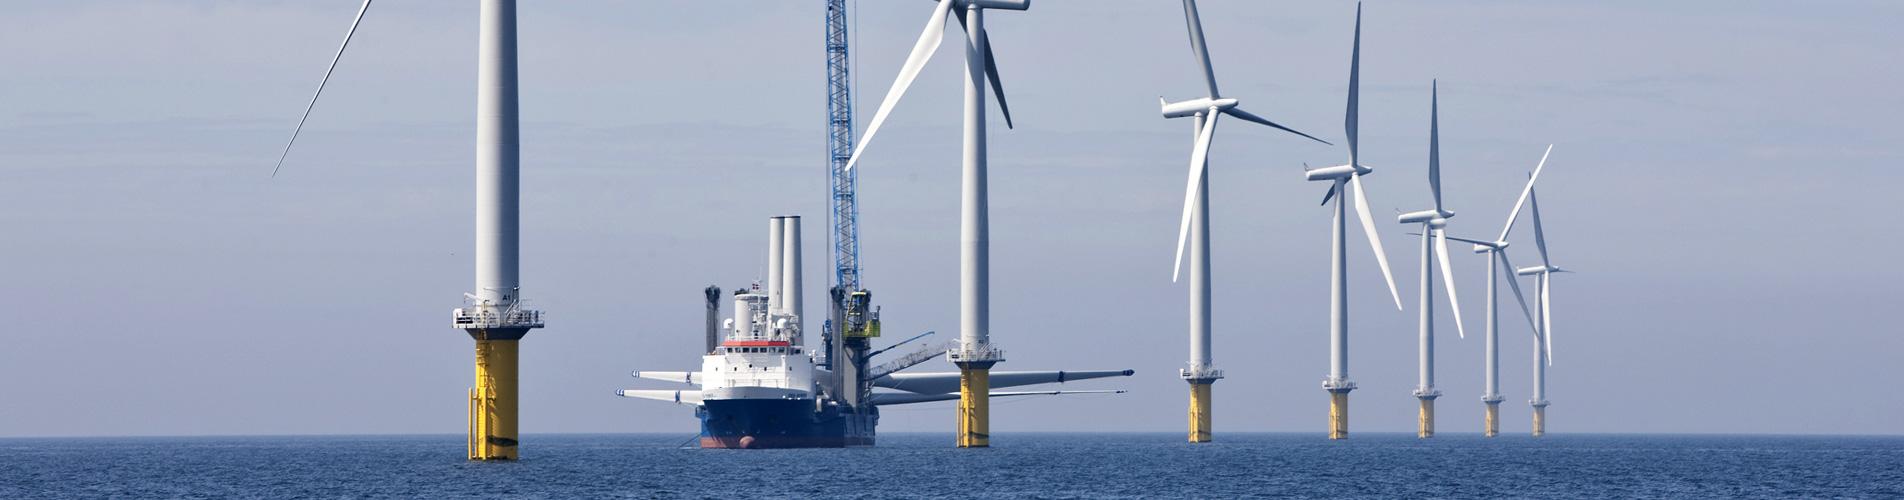 European Subsea Cables Association (ESCA)